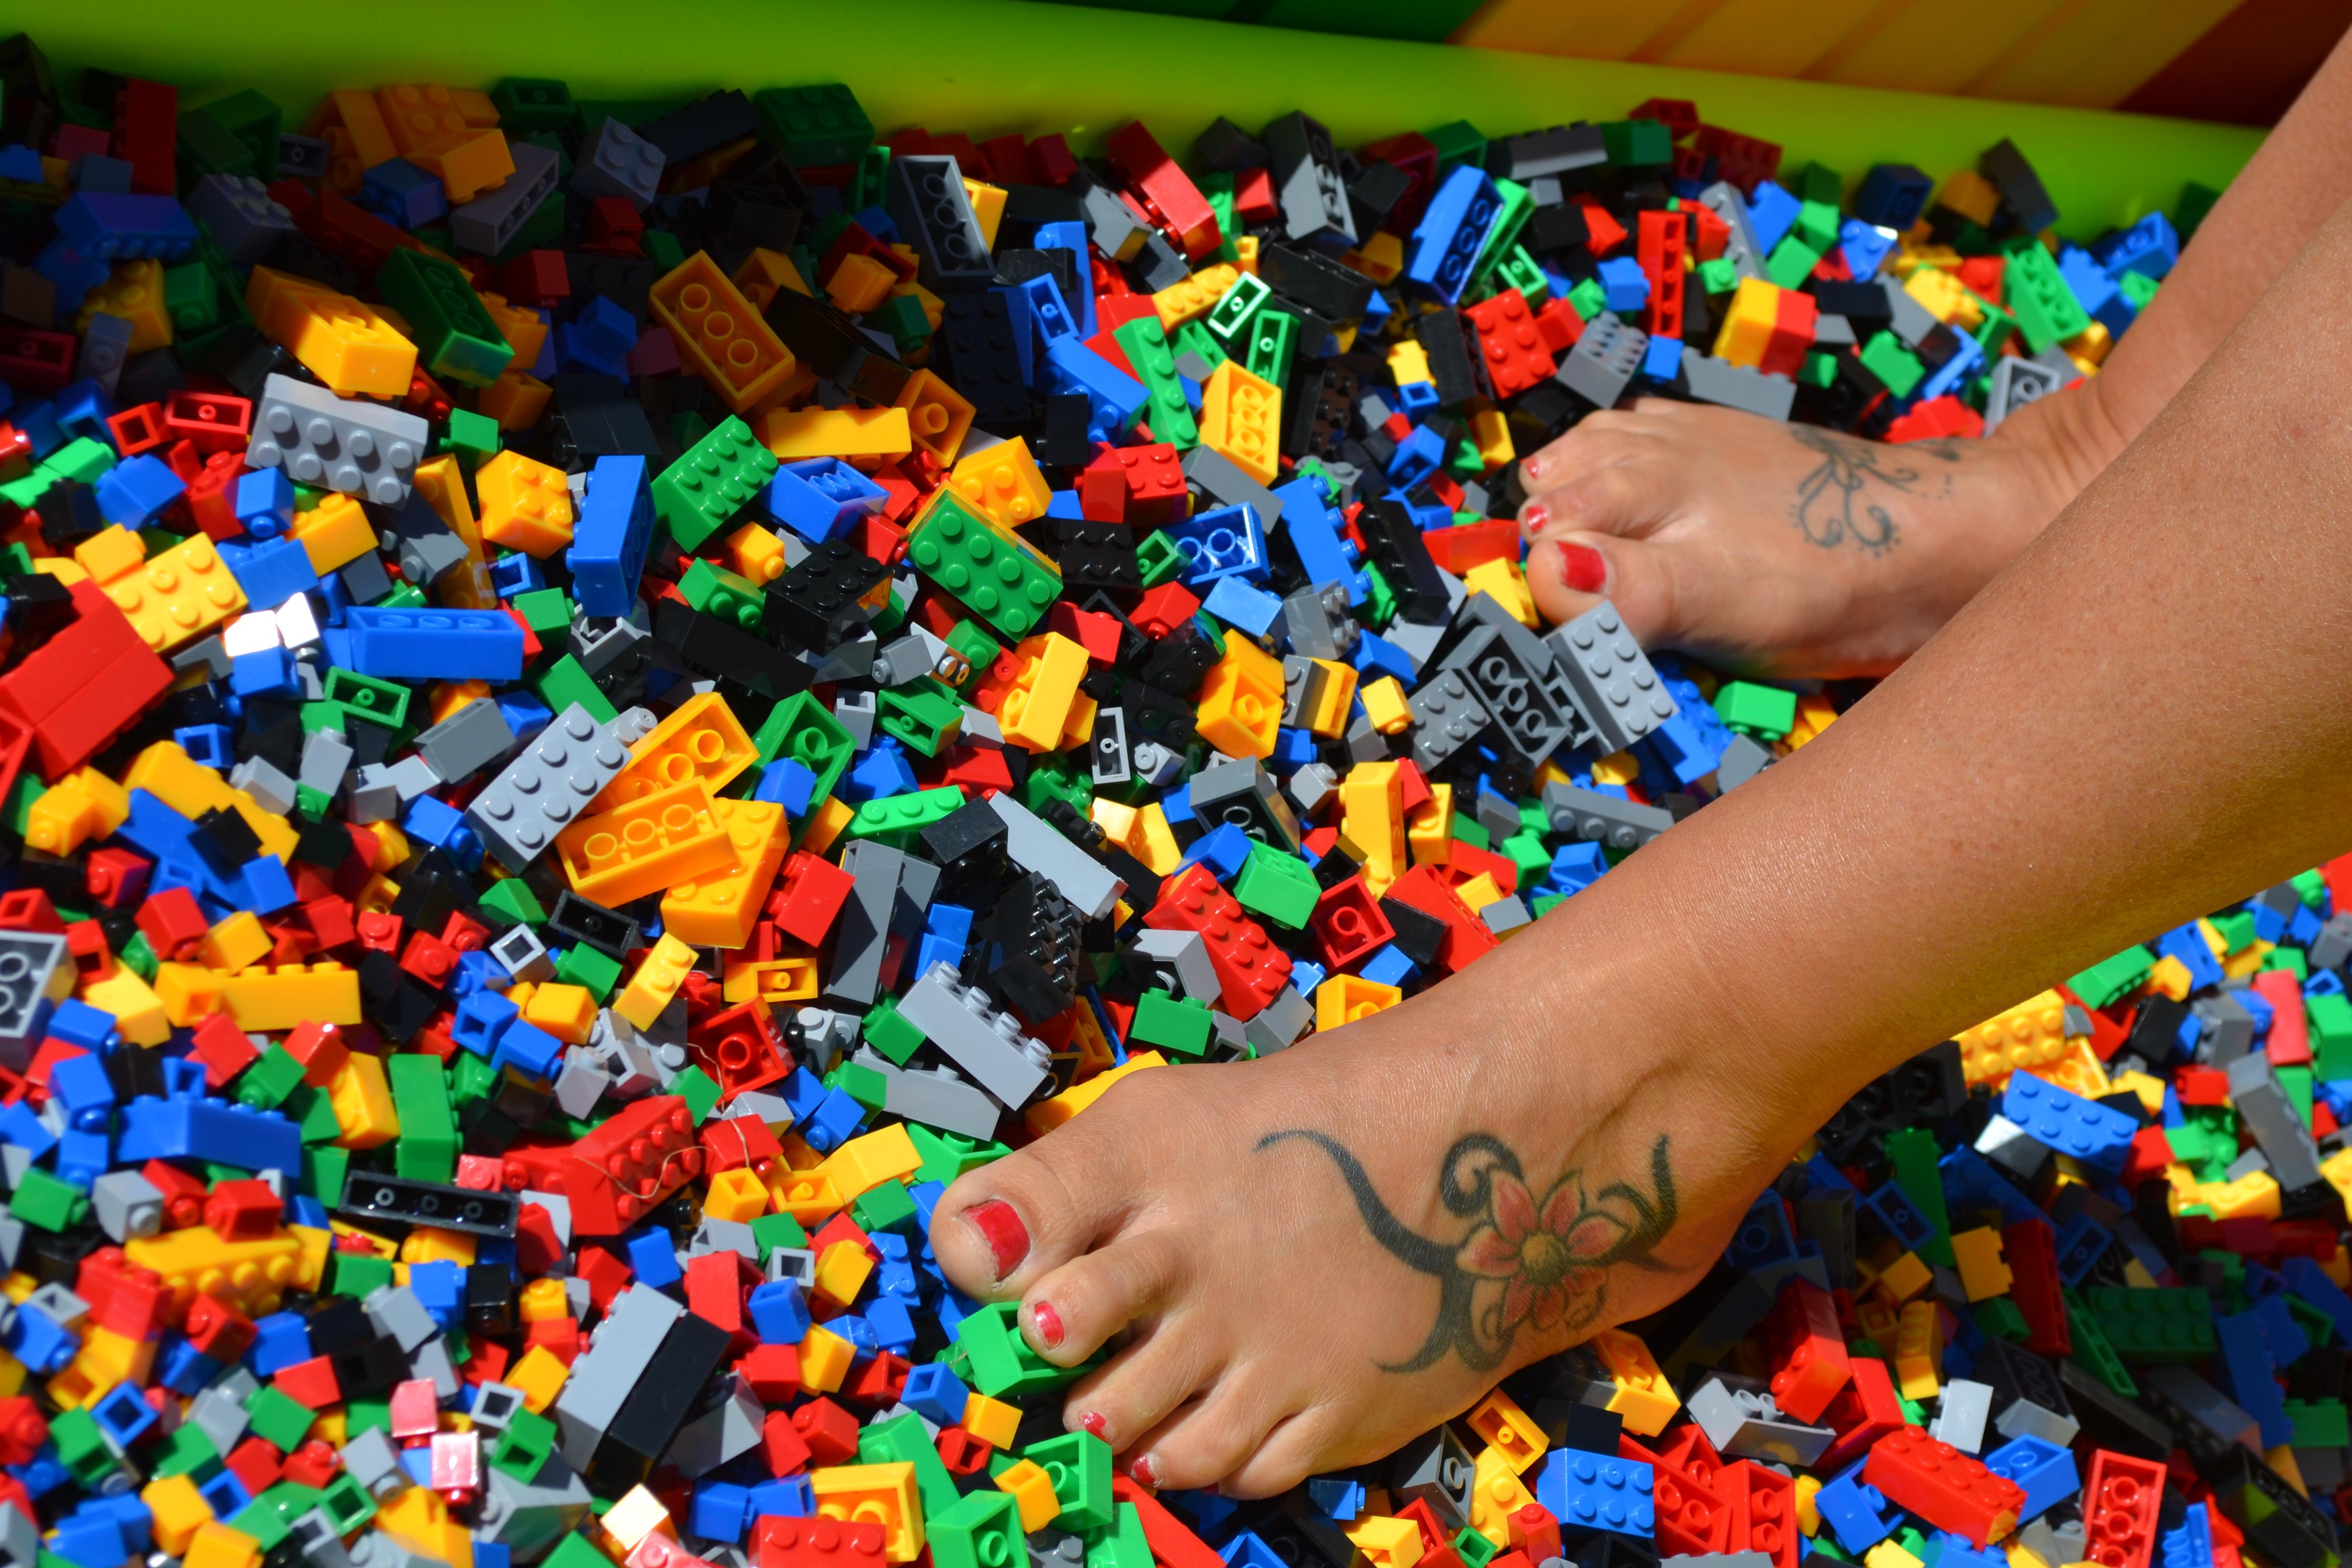 Feet on Lego